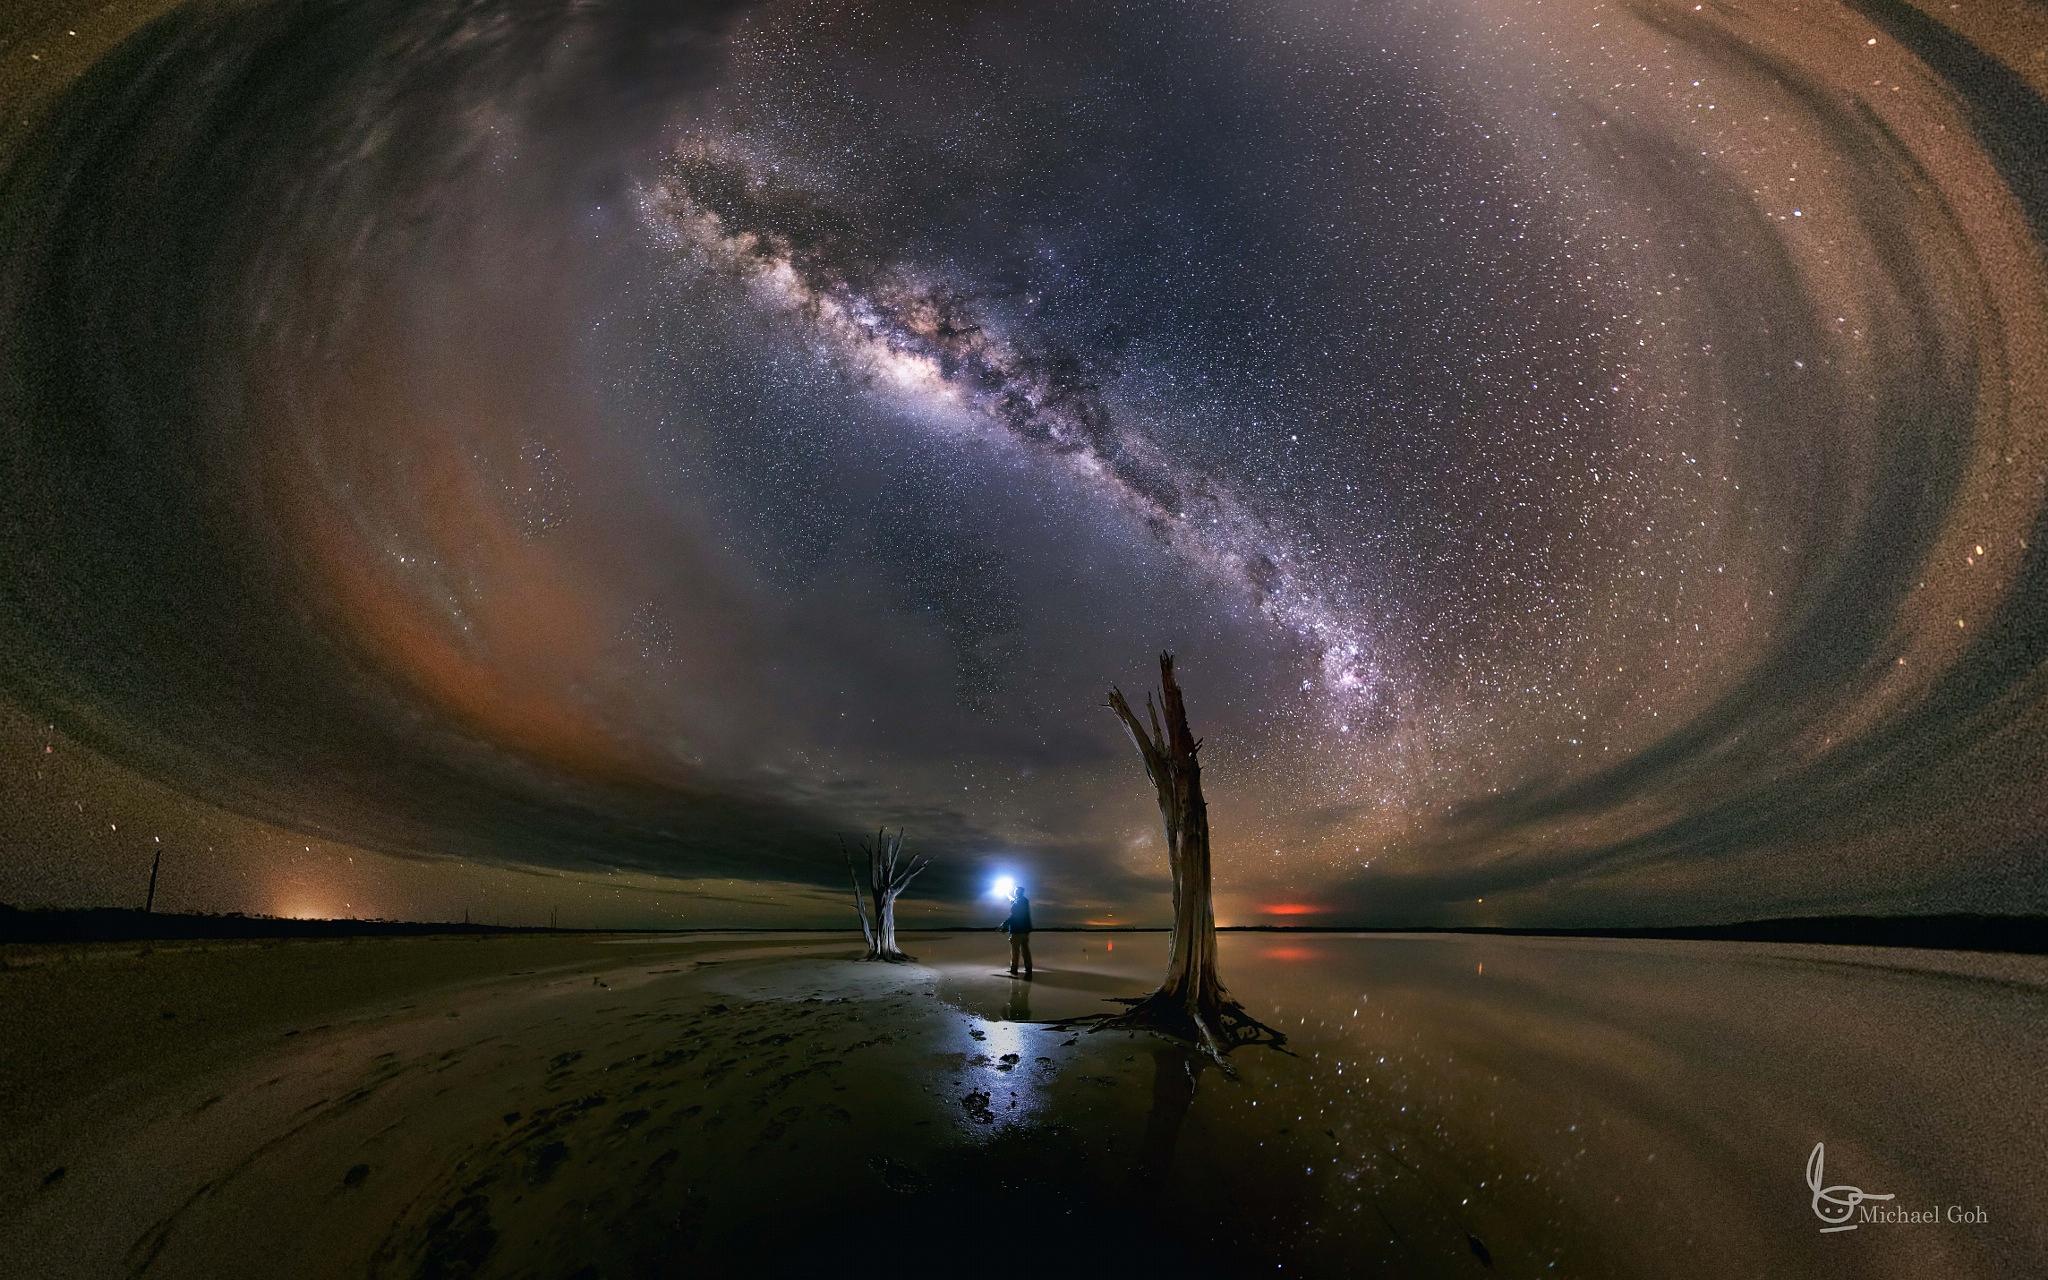 человек и звездное небо